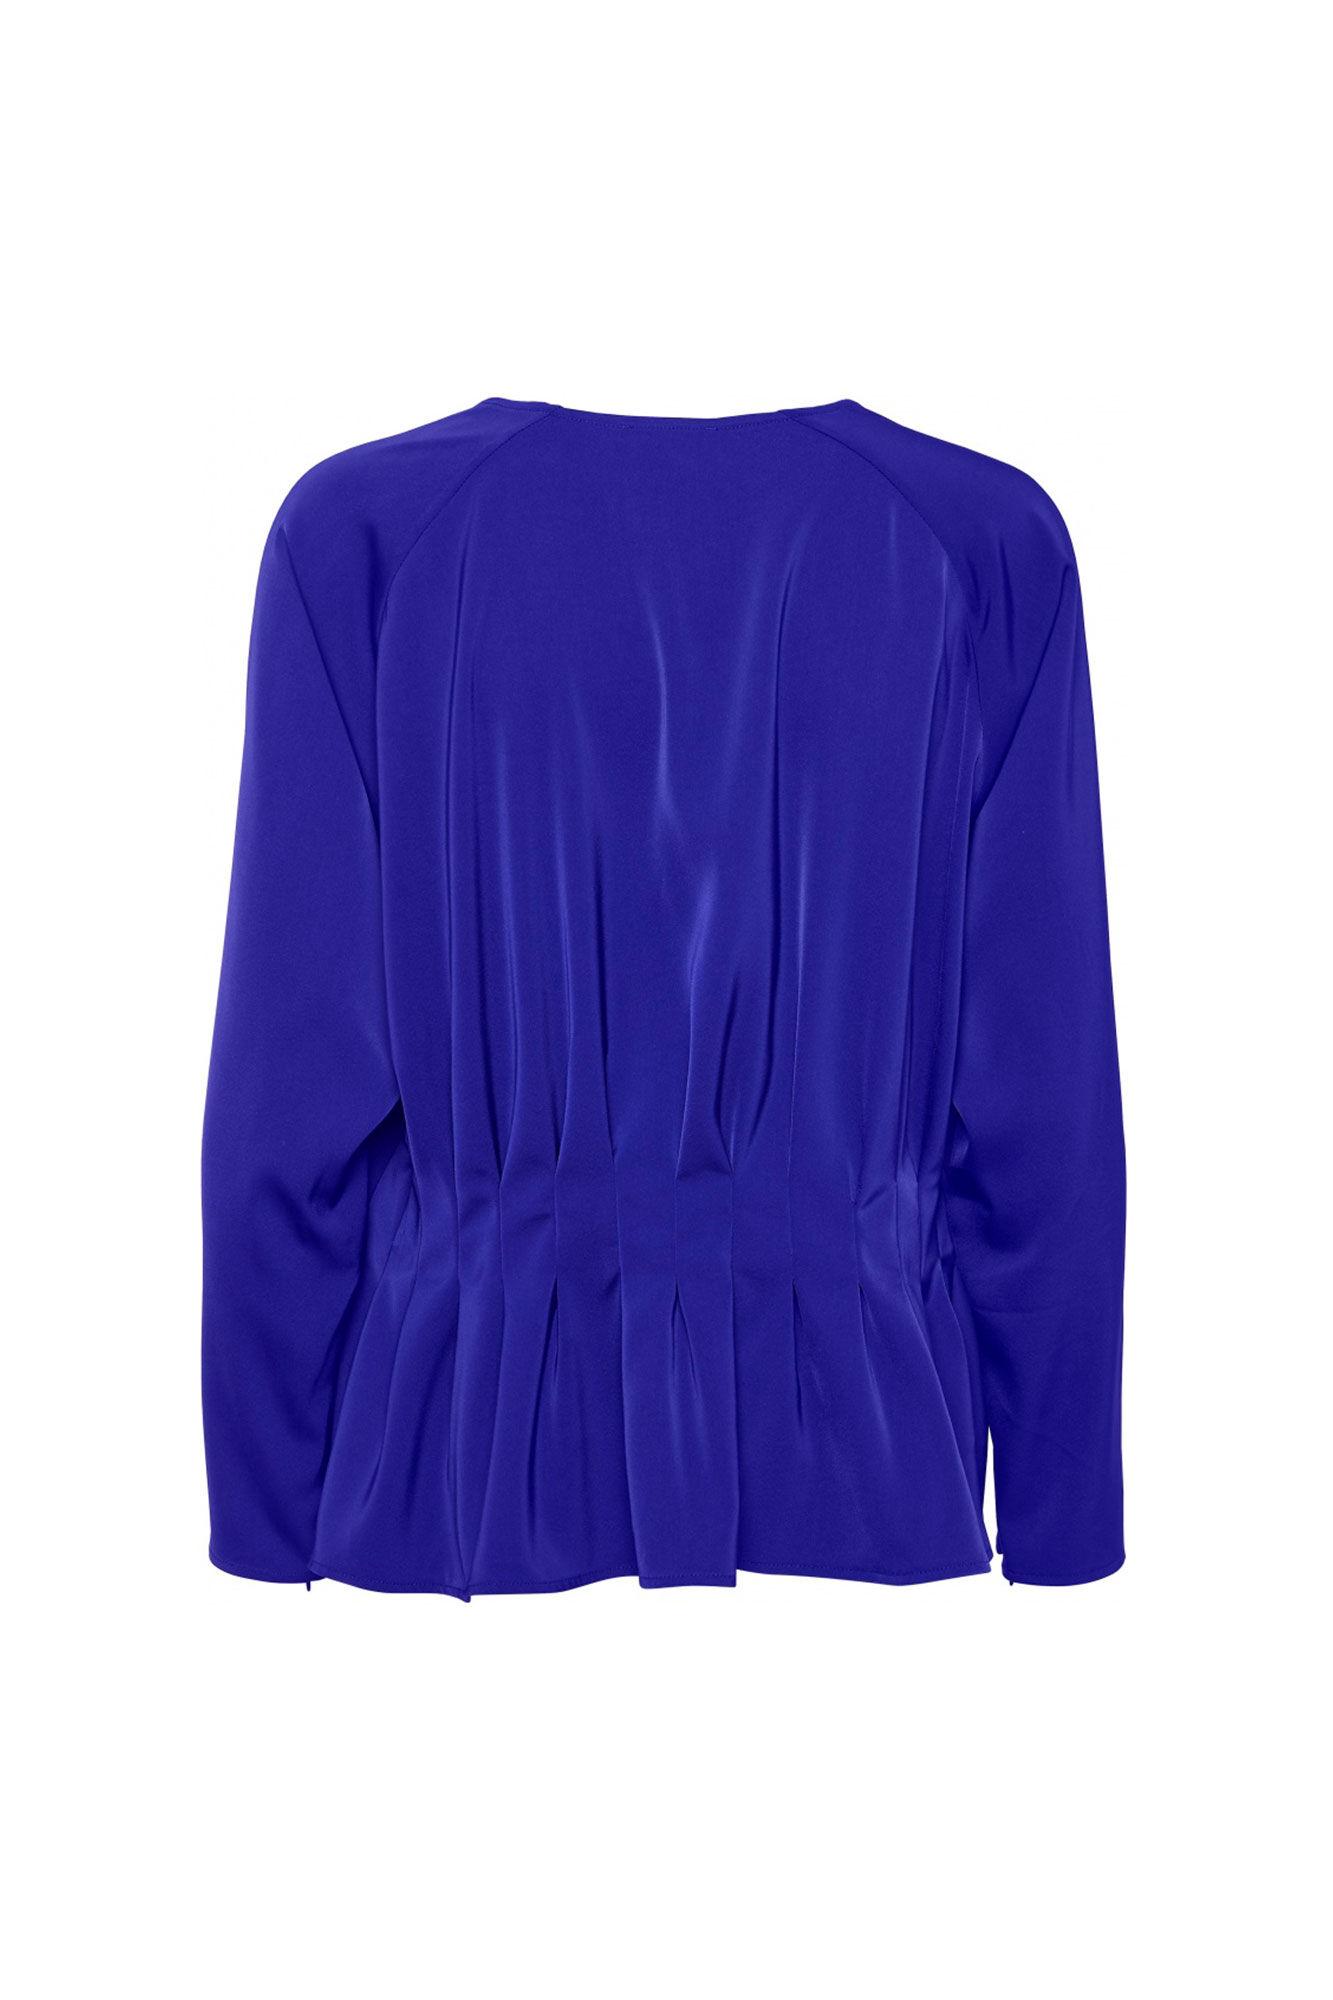 Ella top 11861460, STRONG BLUE